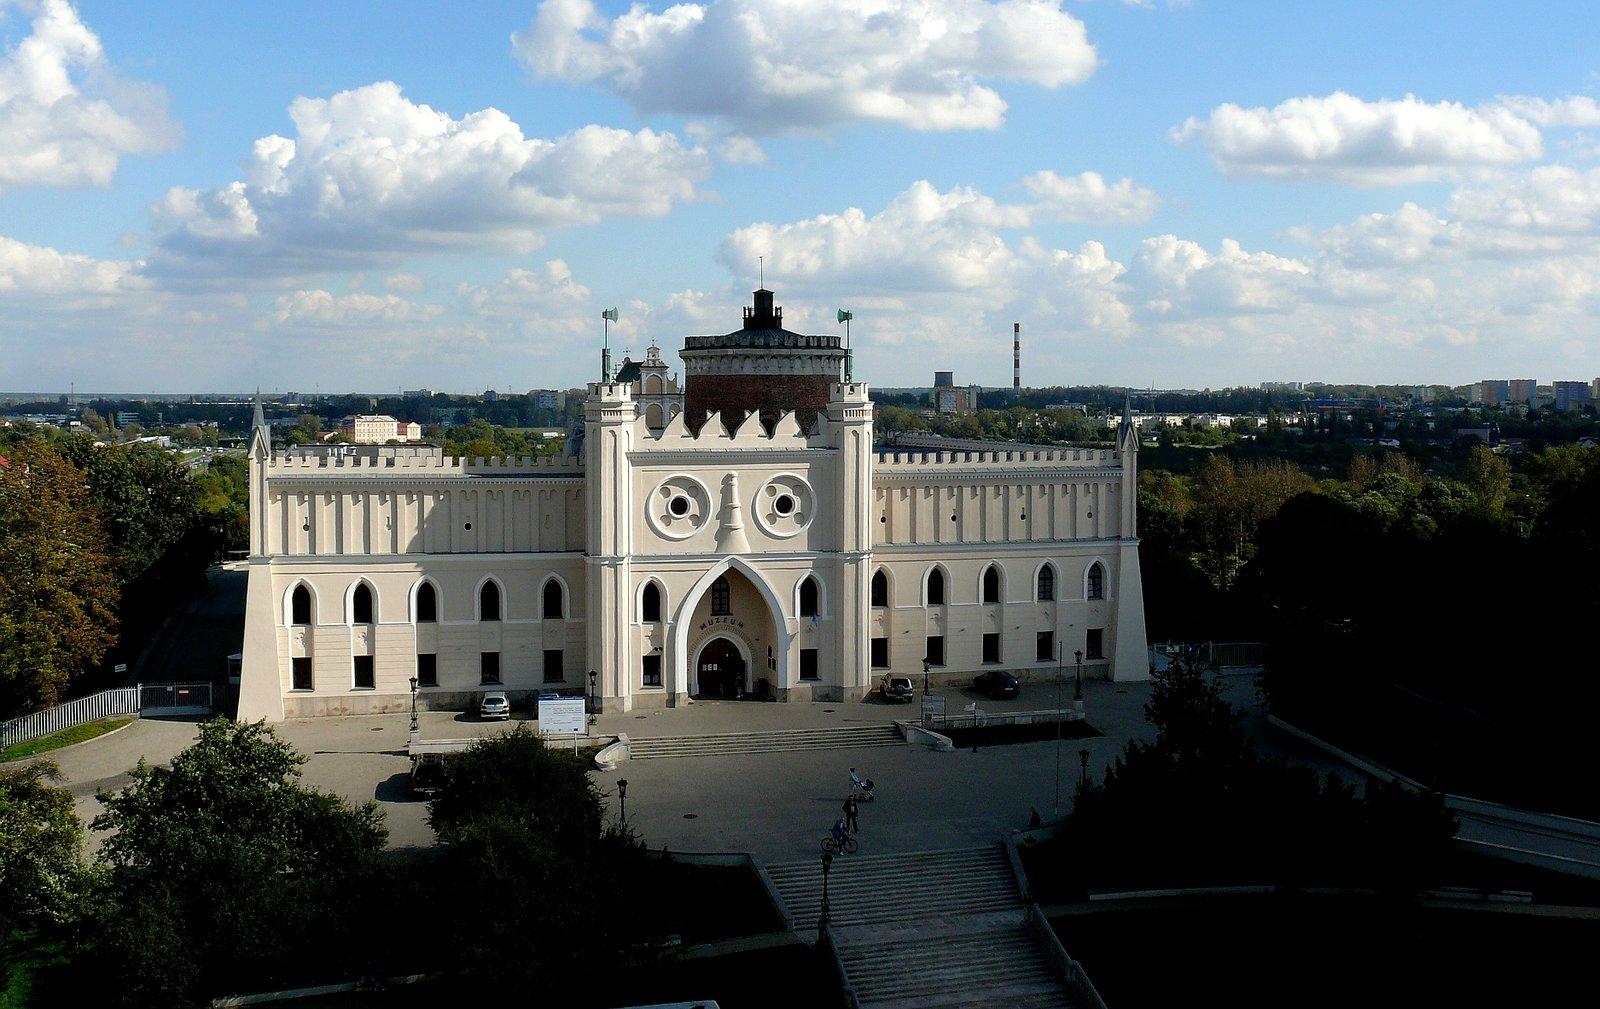 zdjęcie przedstawia ścianę frontową zamku wLublinie